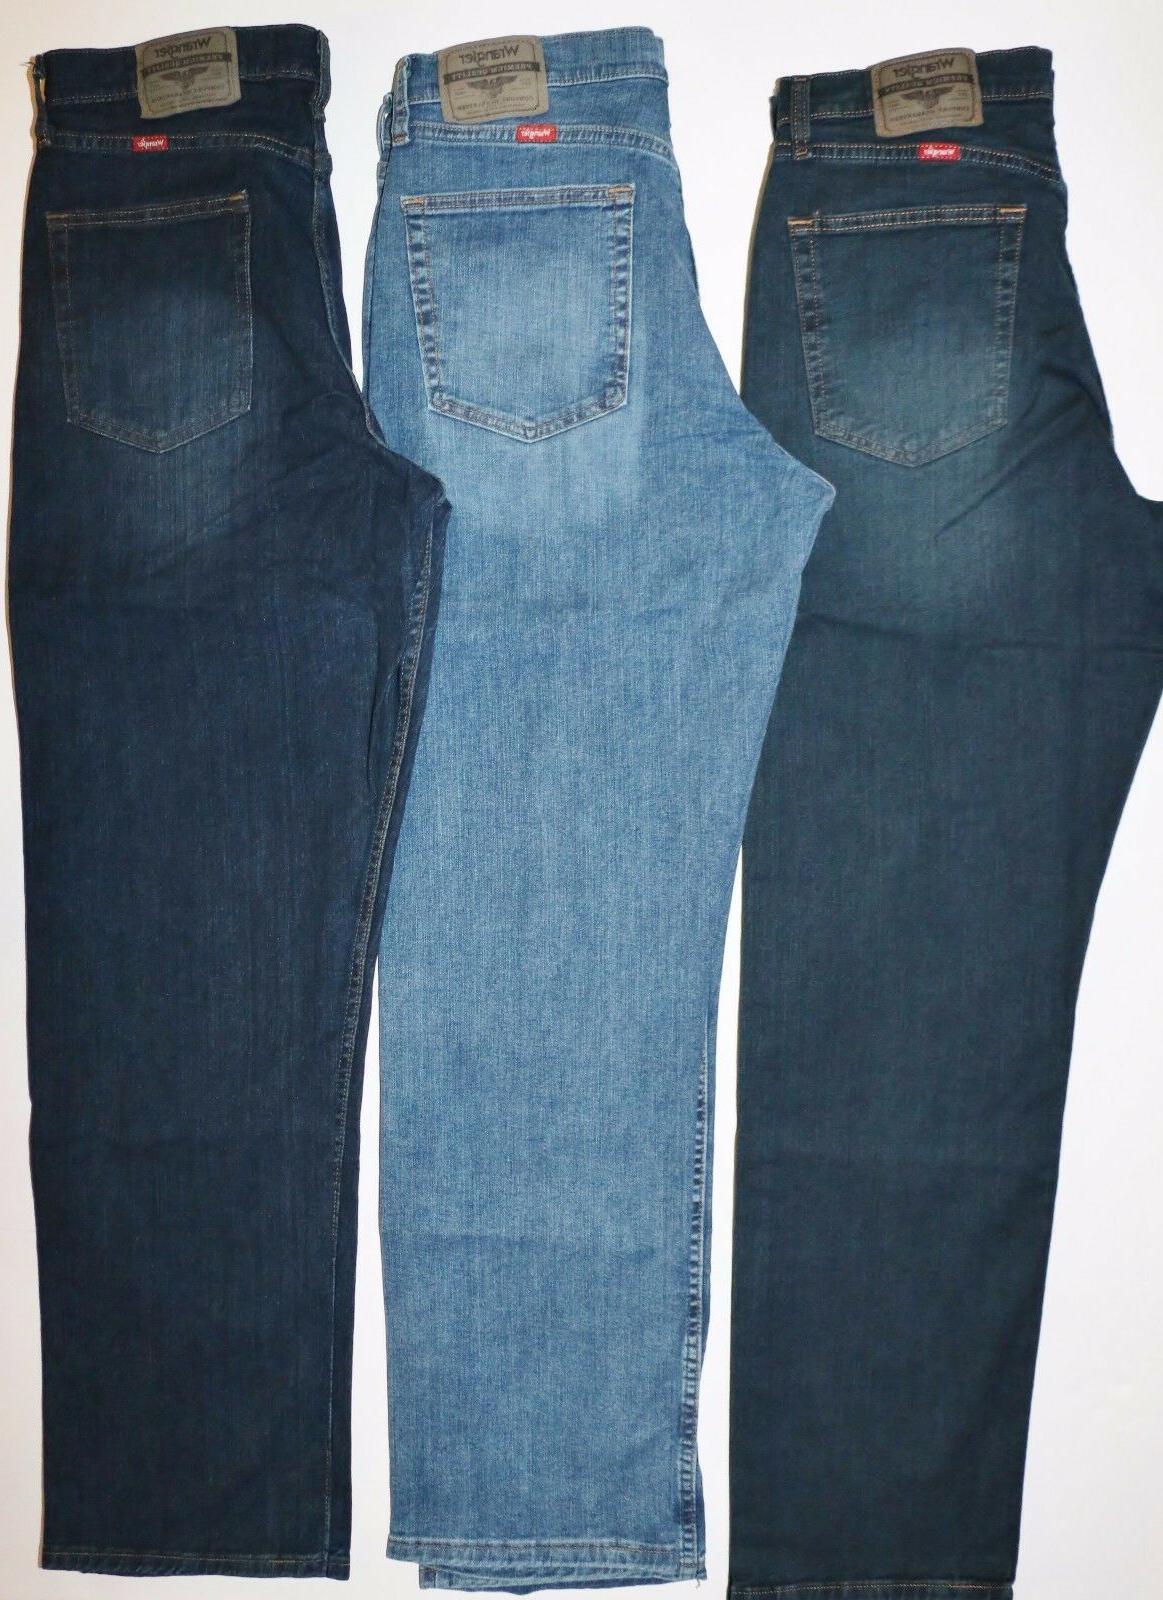 New Wrangler Relaxed Jeans with Denim Men's